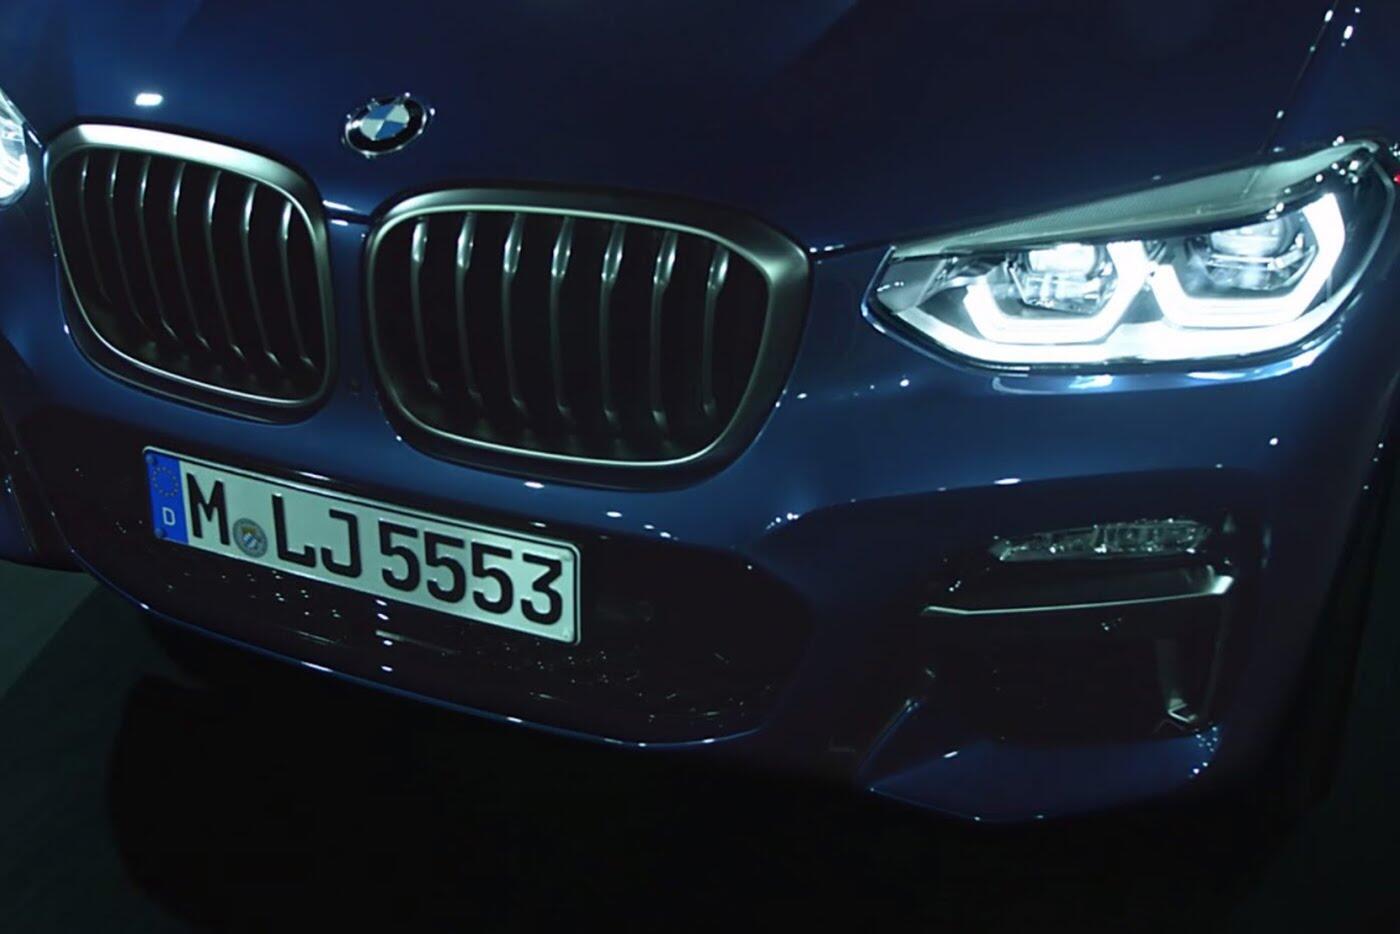 BMW X3 2018 hé lộ những hình ảnh chính thức đầu tiên - Hình 5